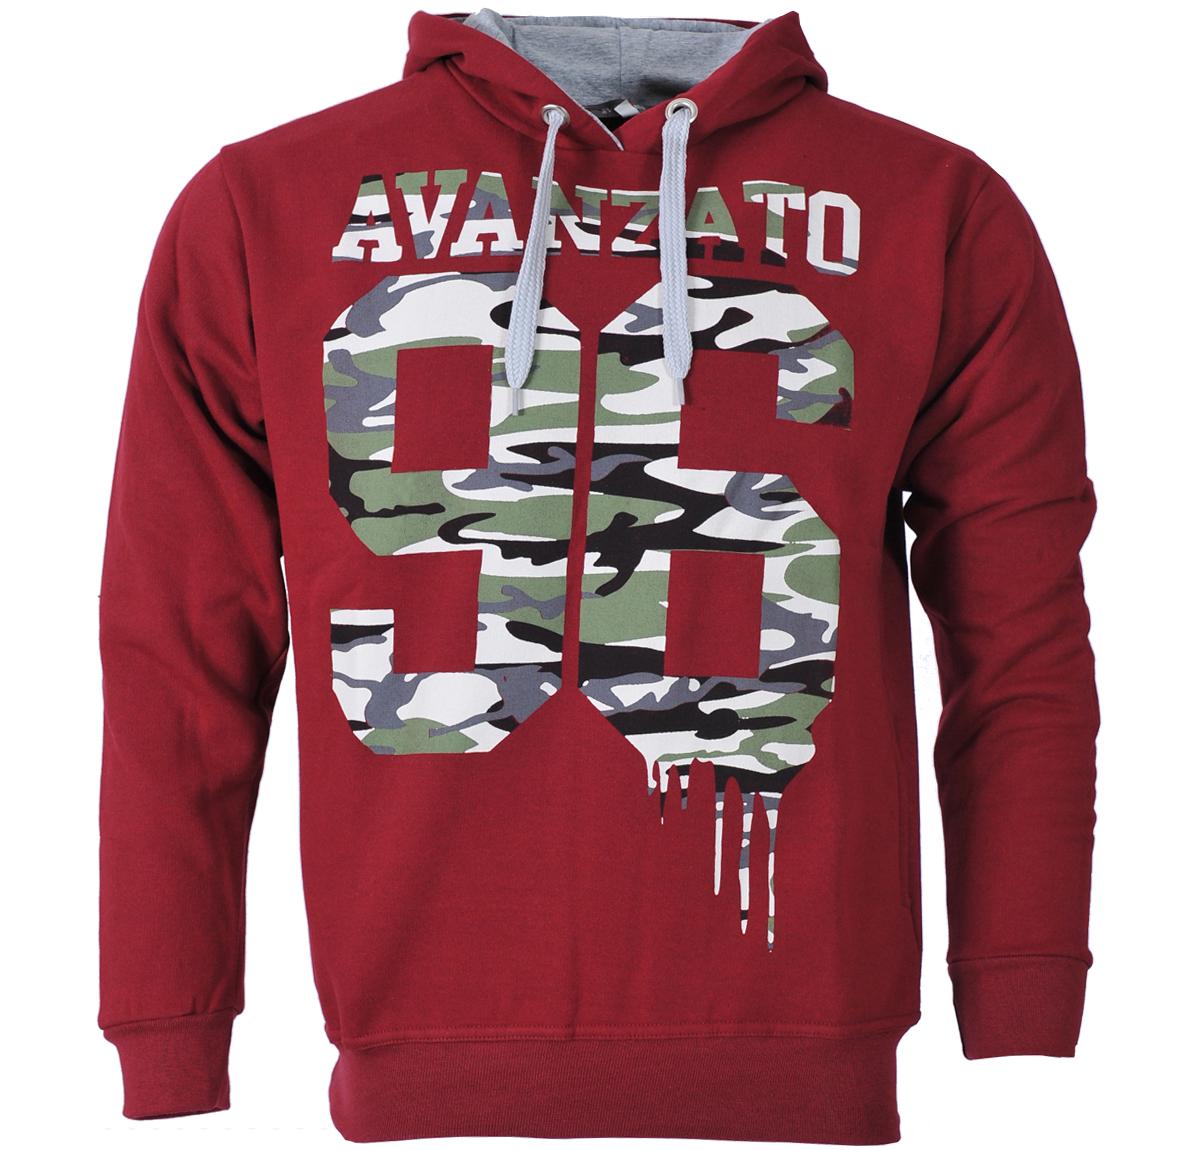 Ανδρικό Φούτερ Avanzato96-Μπορντό αρχική ανδρικά ρούχα φούτερ